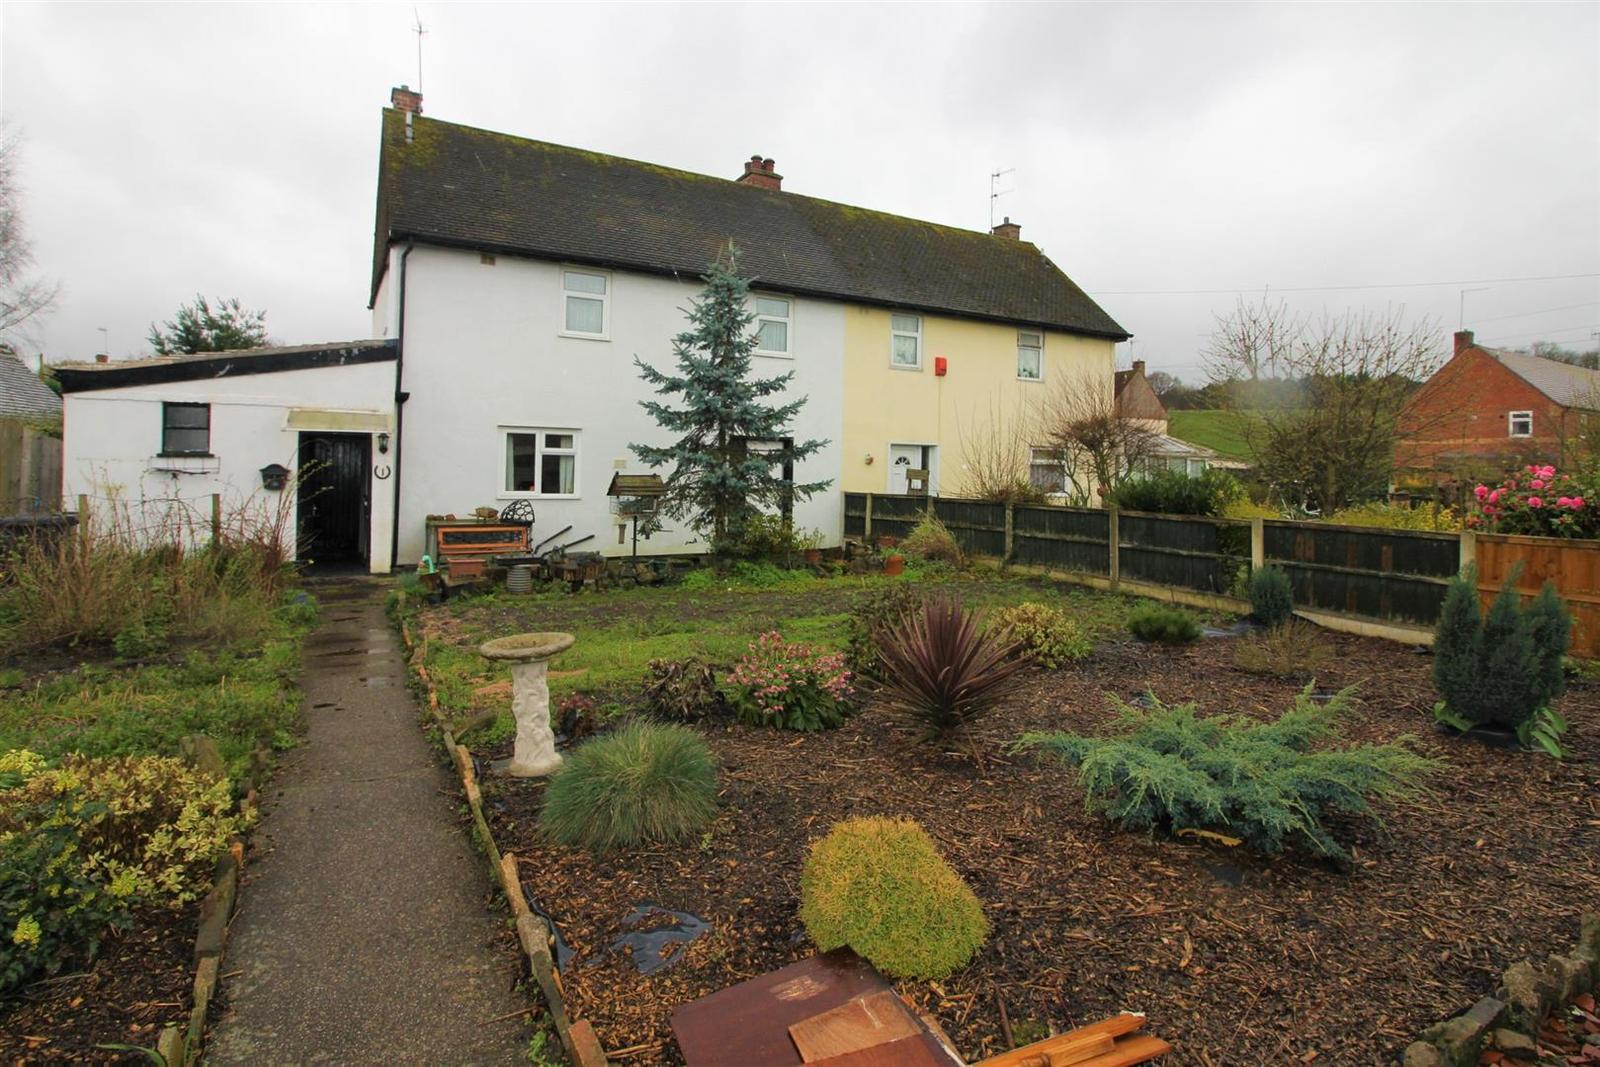 3 Bedrooms Detached House for sale in Hemington Lane, Lockington, DE74 2RJ